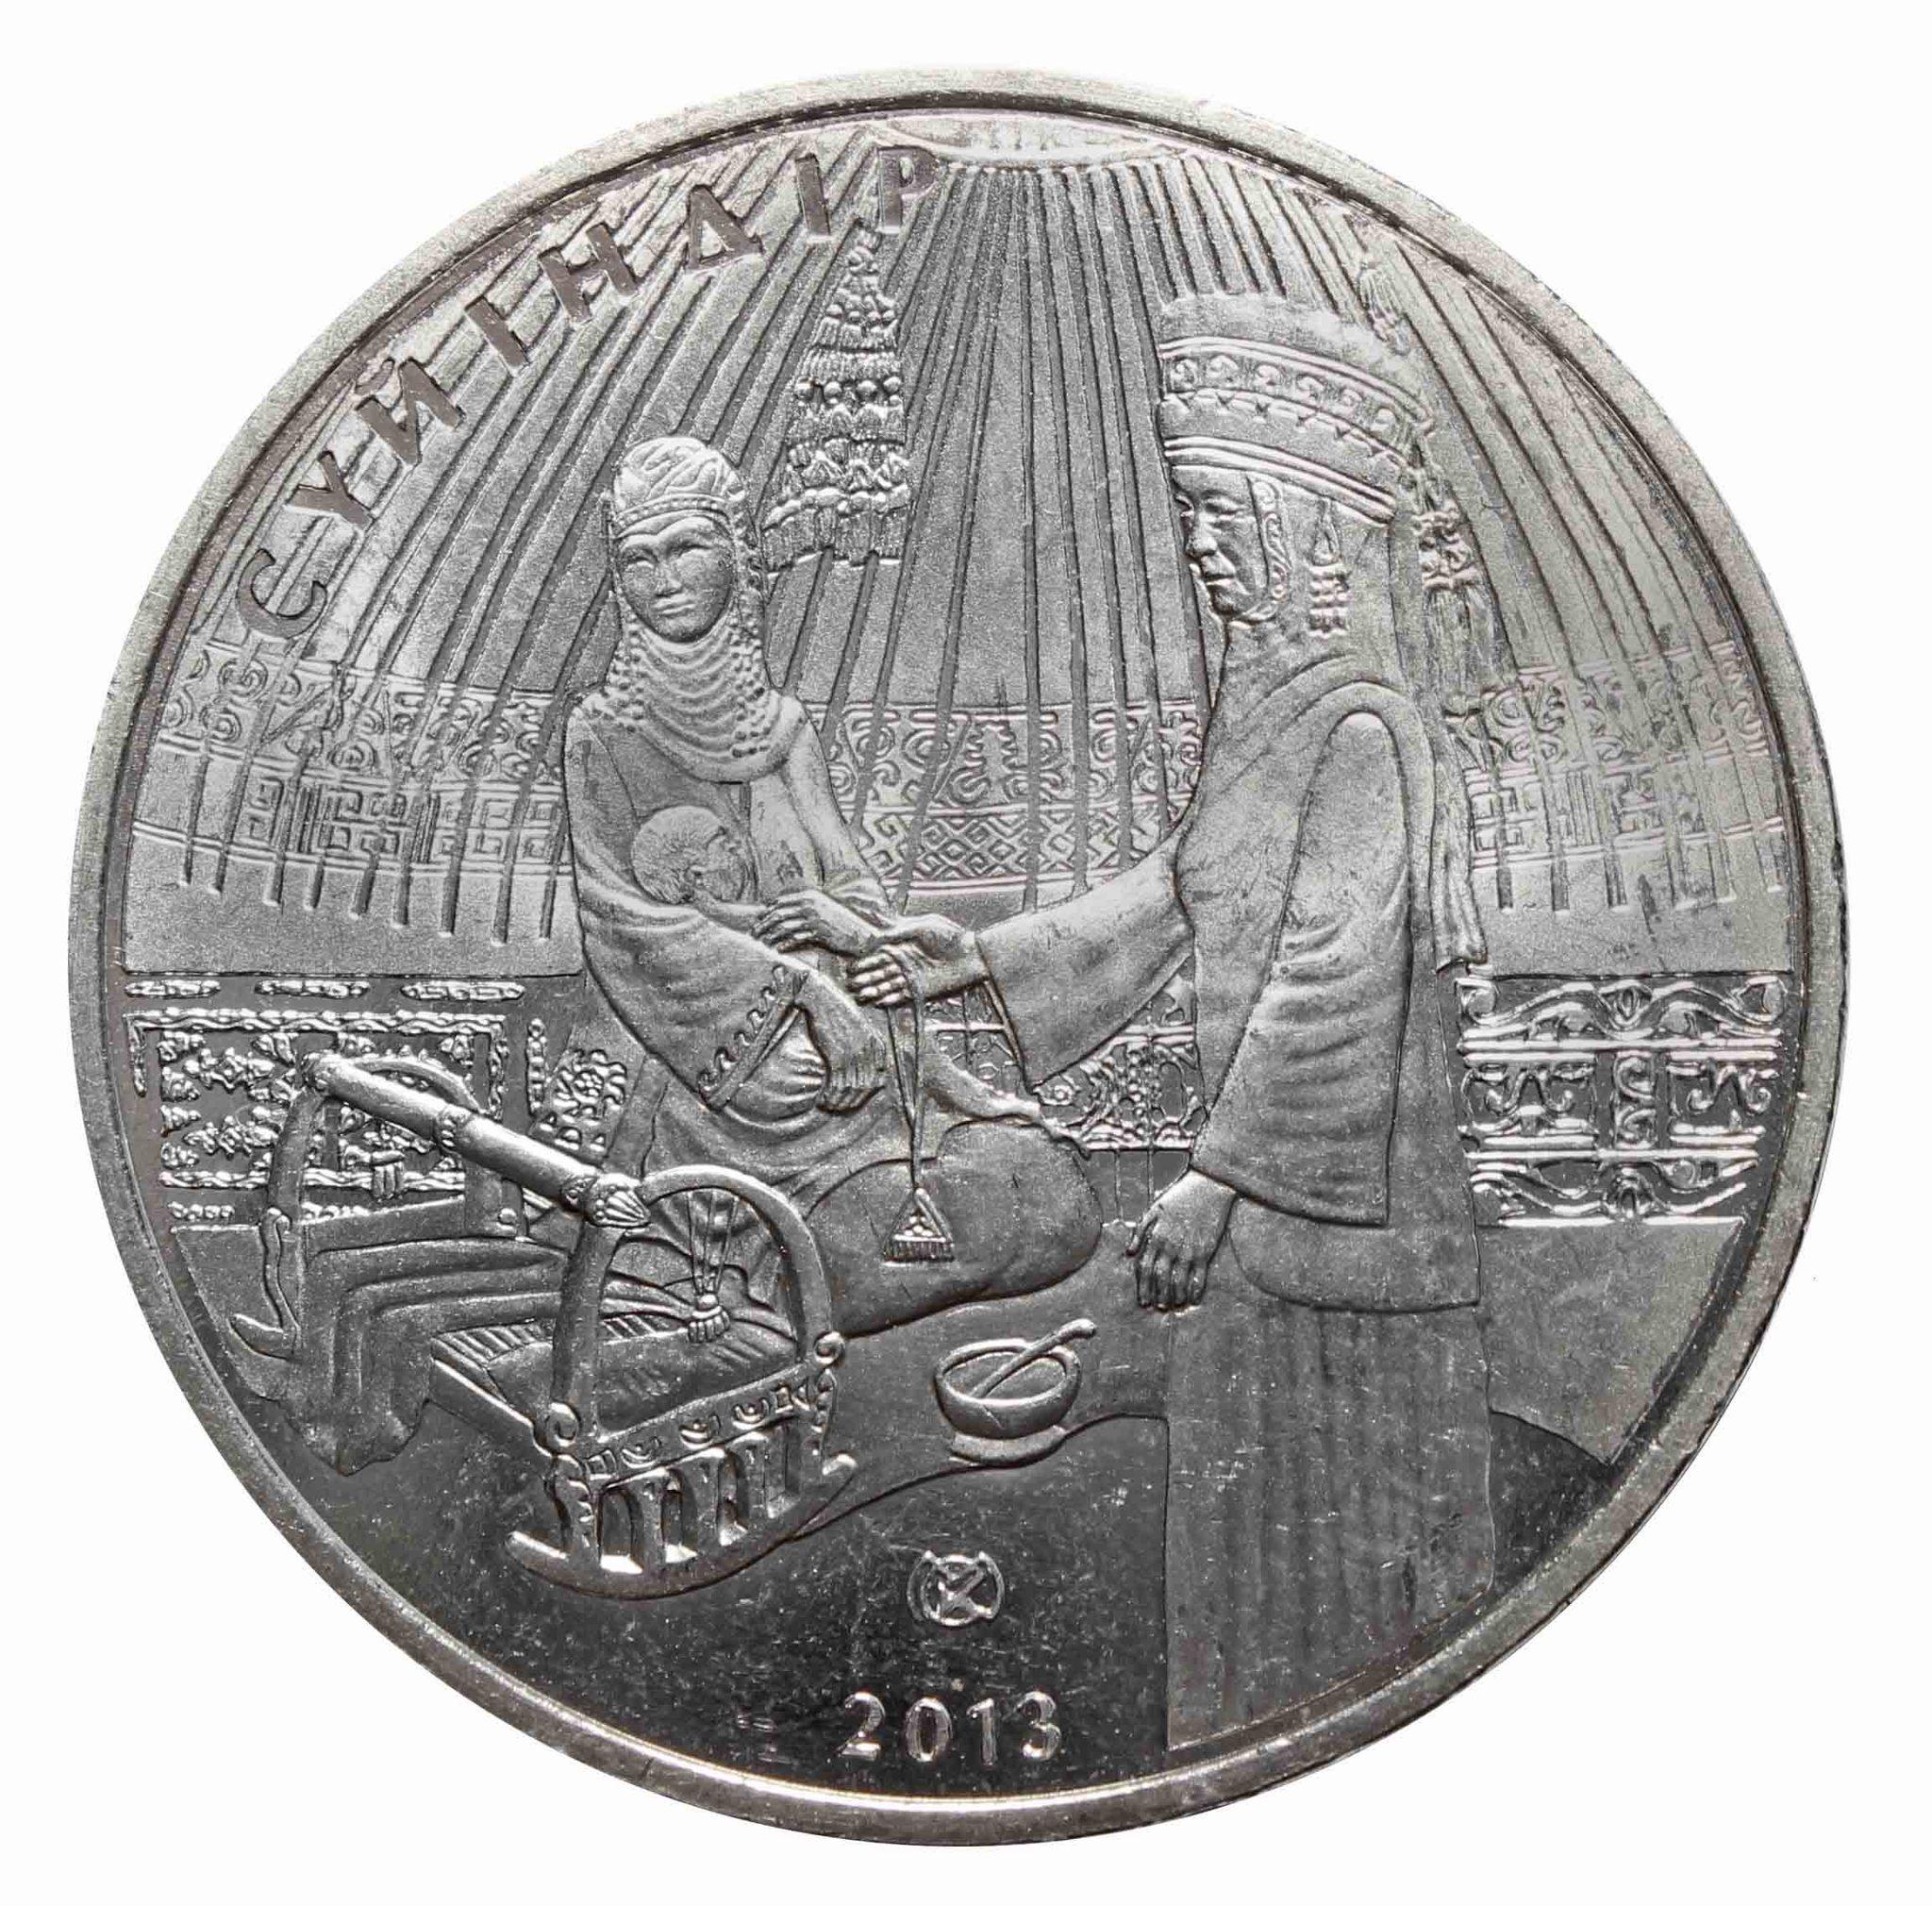 50 тенге Суйиндир 2013 год